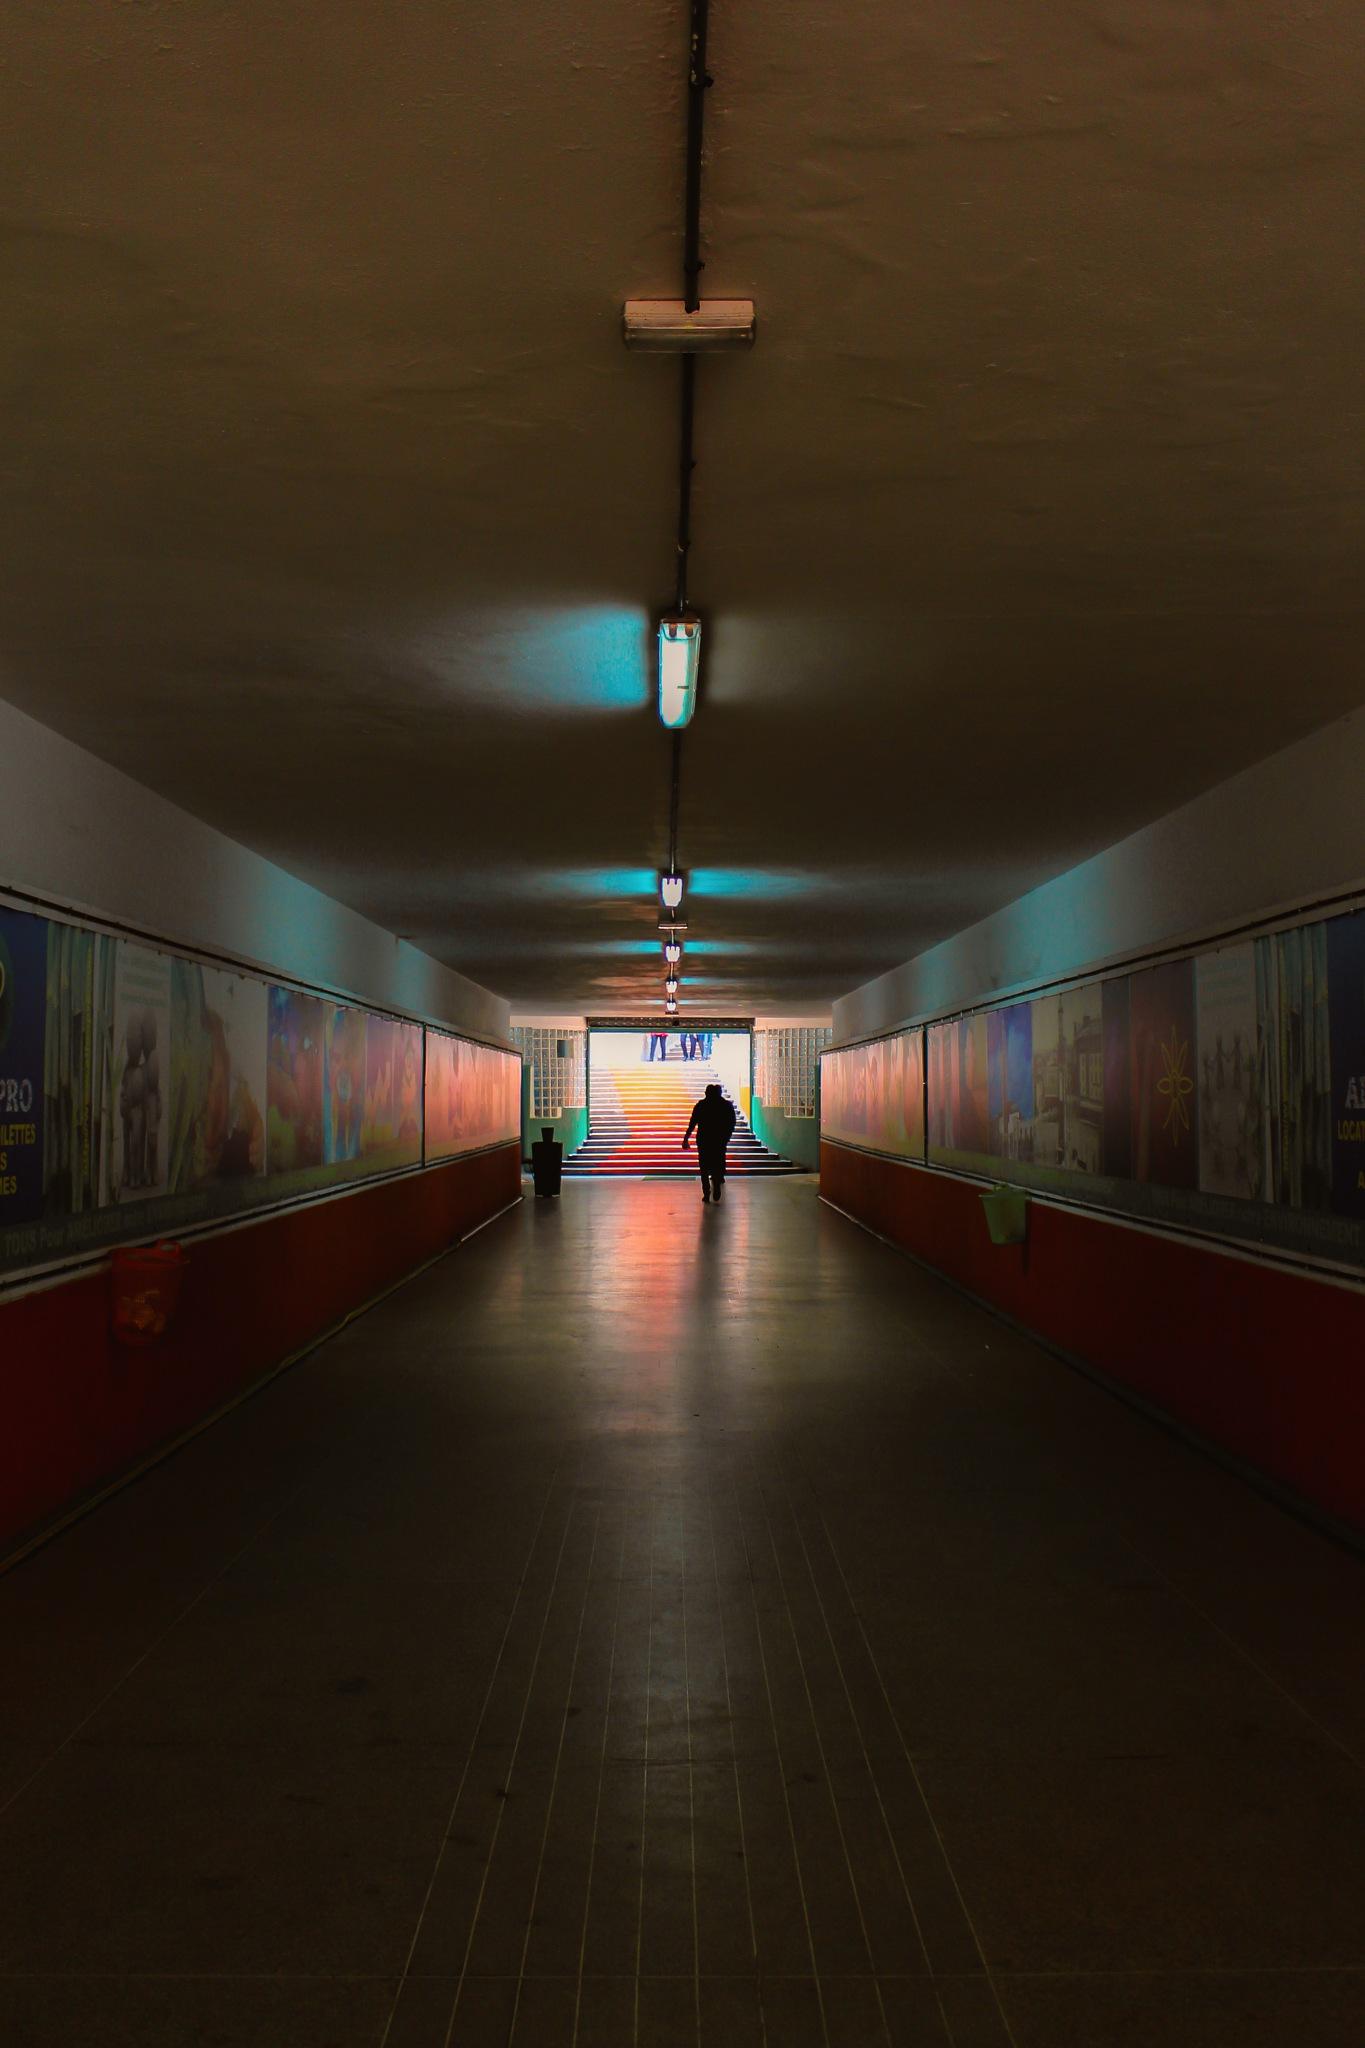 Untitled by El KEN